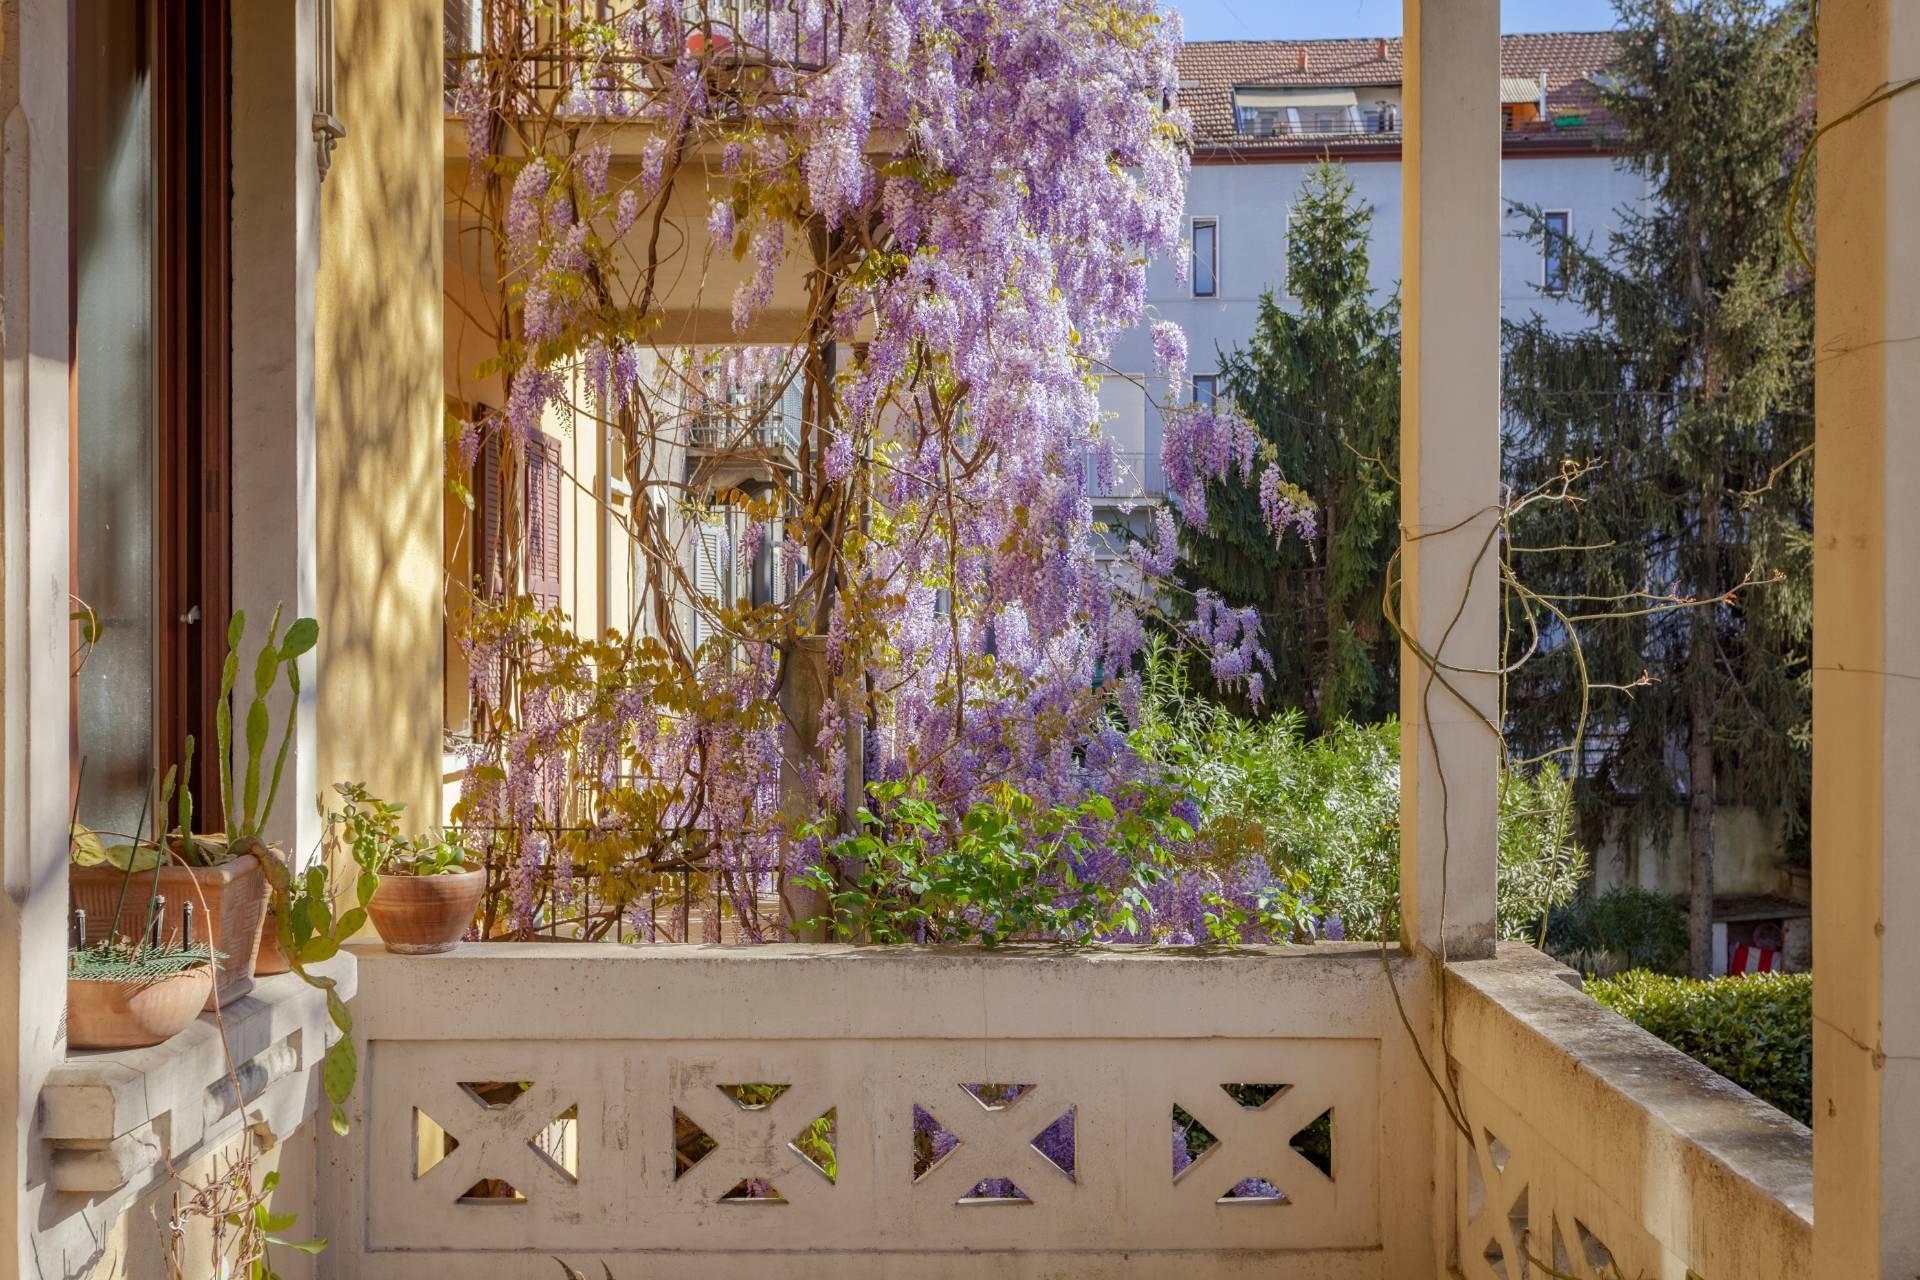 Elegant residence overlooking a lush flower garden - 3